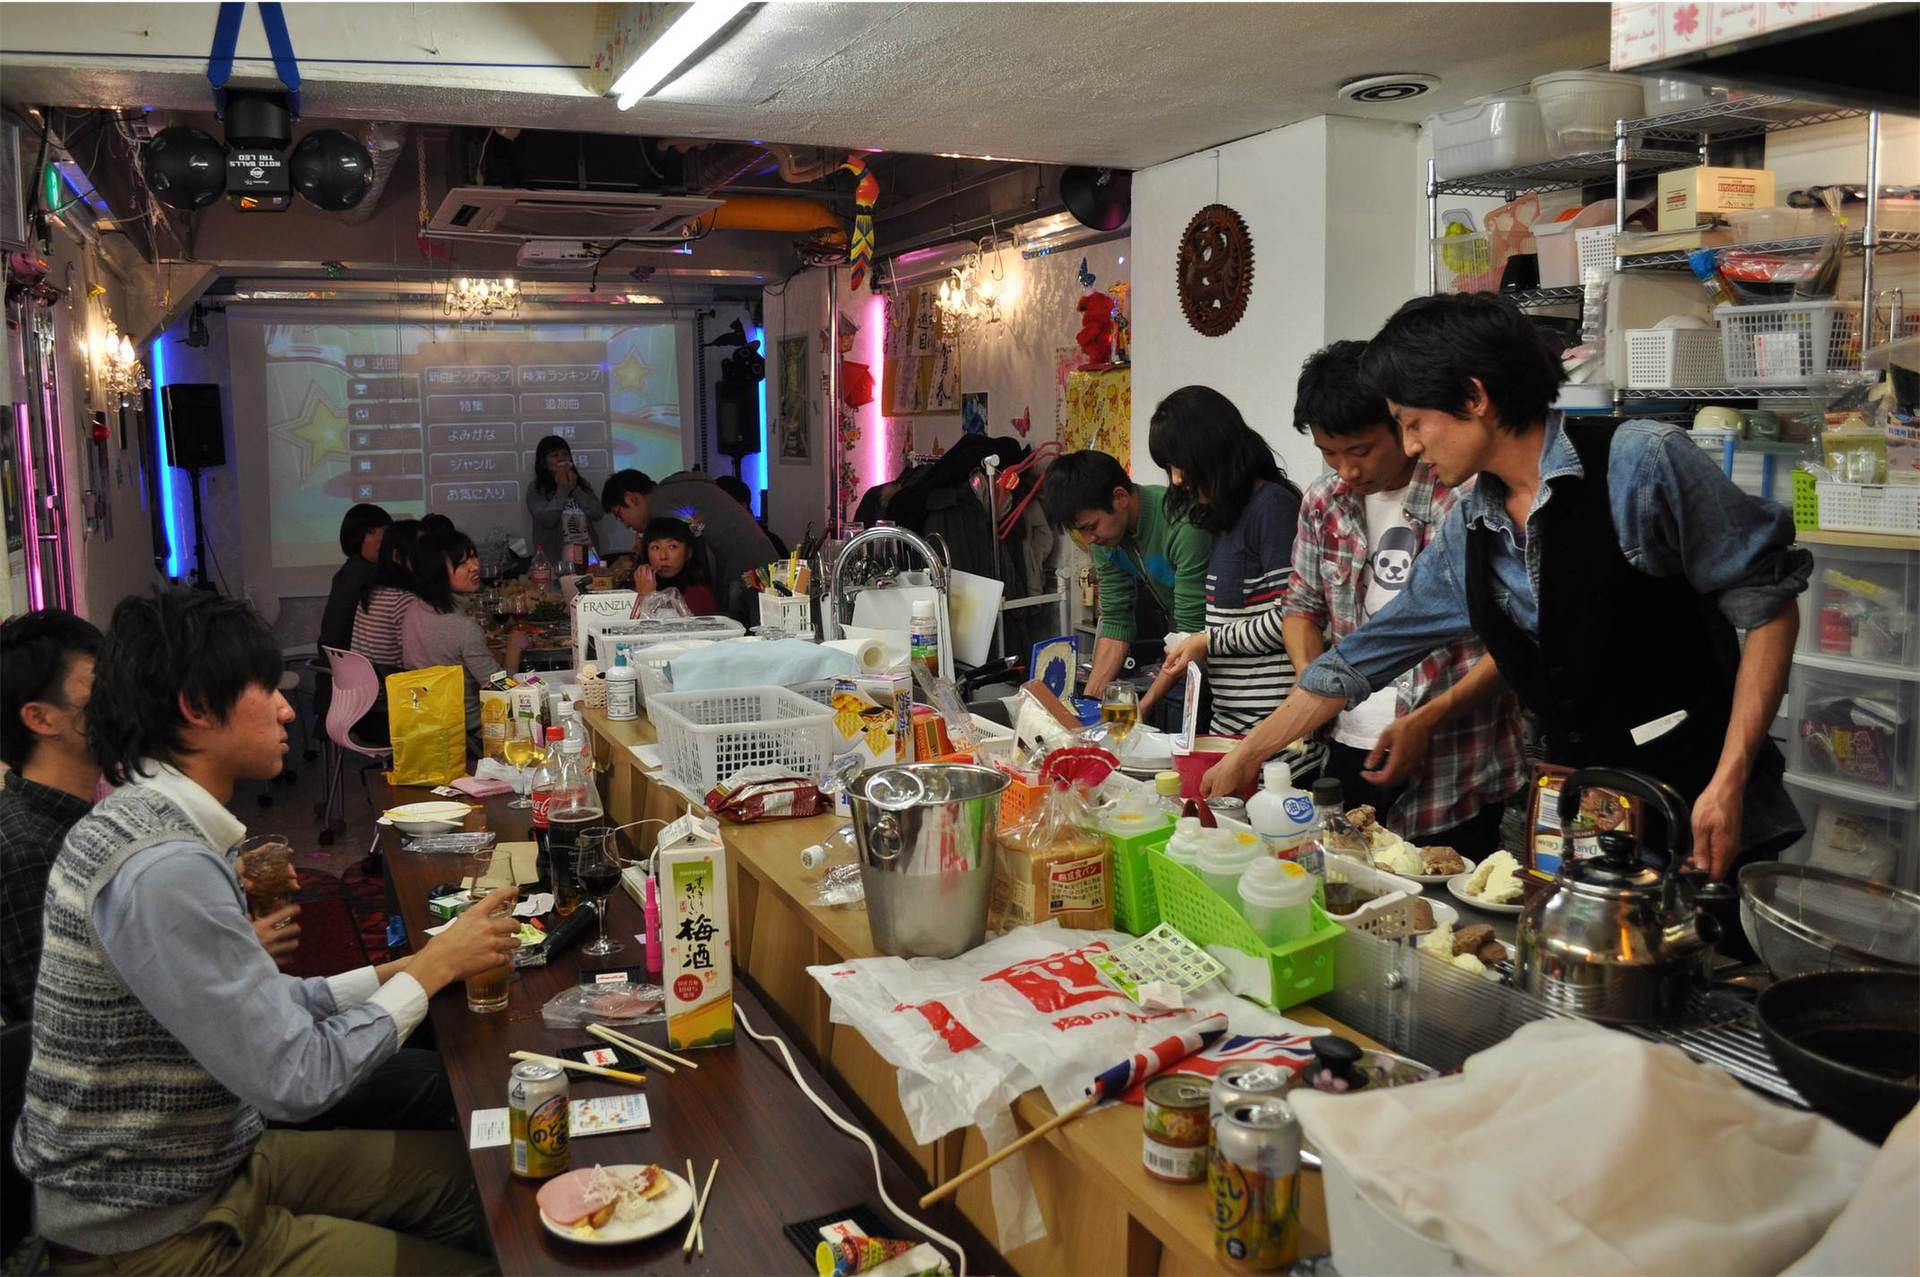 秋葉原レンタルスペース.東京での、キッチンパーティ開催時の写真